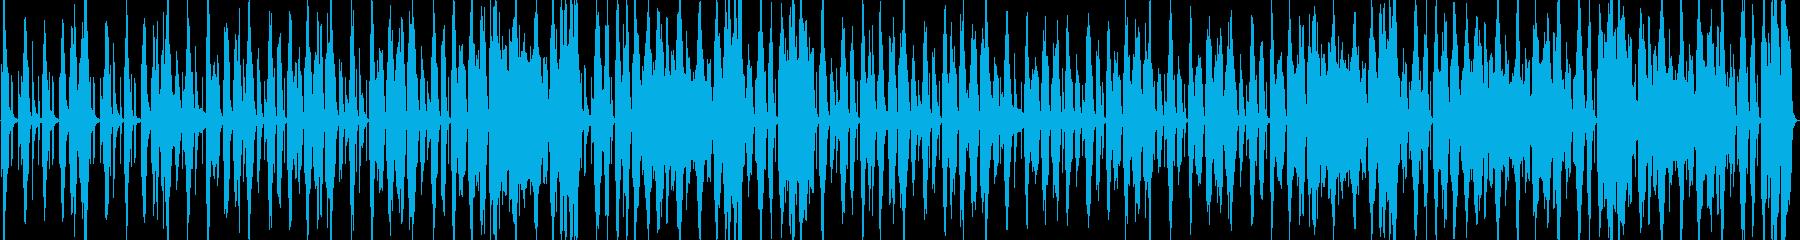 吹奏楽マーチループ曲楽しくスキップの再生済みの波形